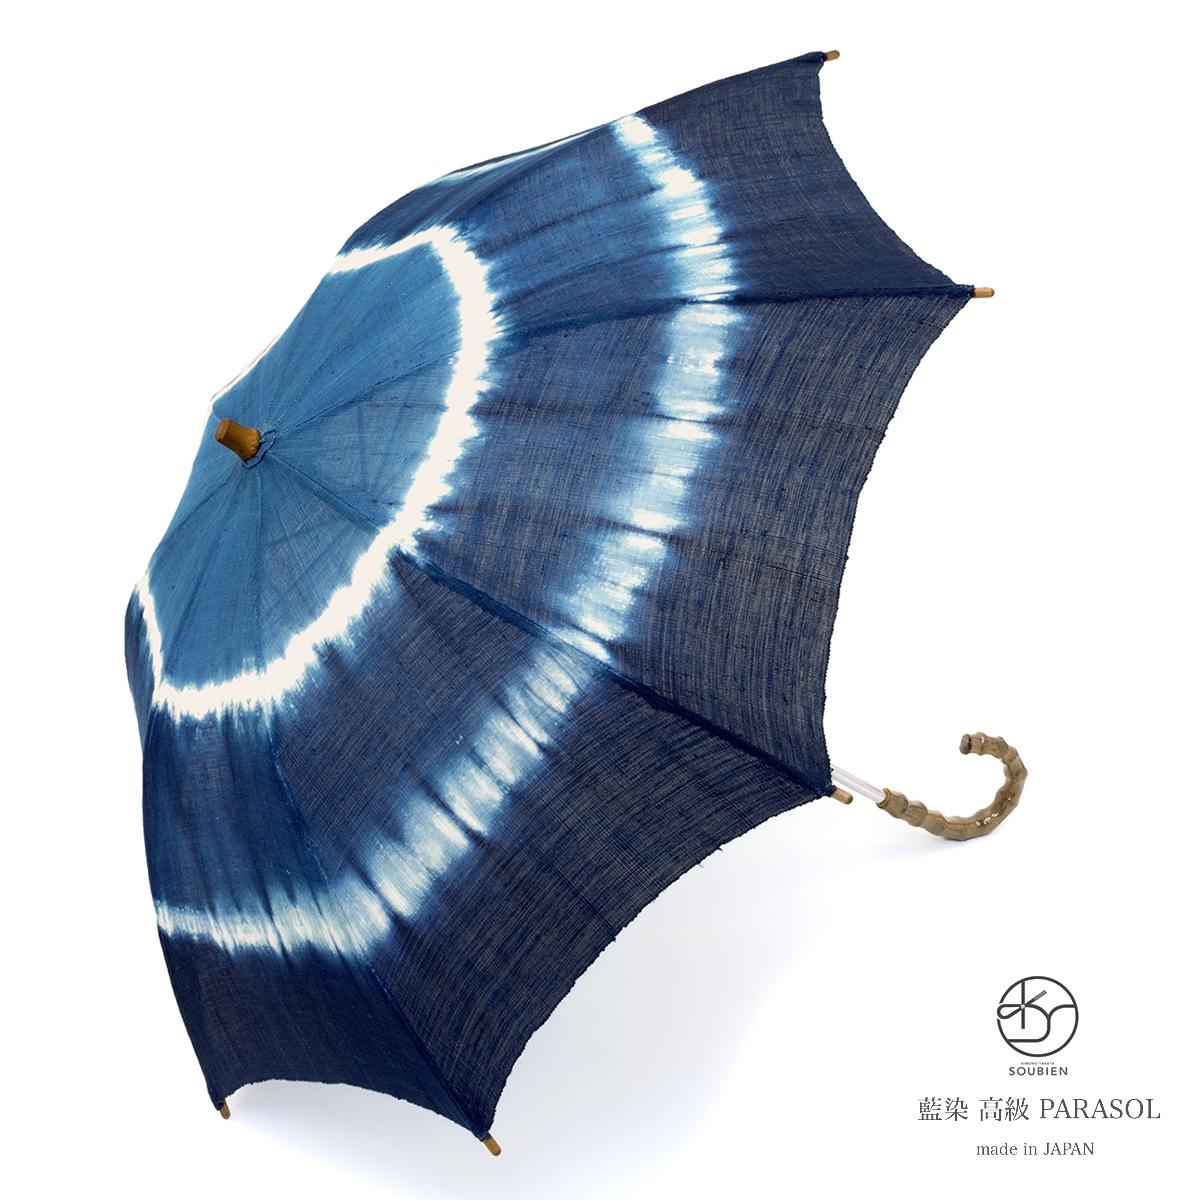 日傘 藍 インディゴブルー ネイビー 青 波紋 グラデーション 藍染 引染 麻 ひがさ 和装小物 便利小物 日本製【あす楽対応】【送料無料】